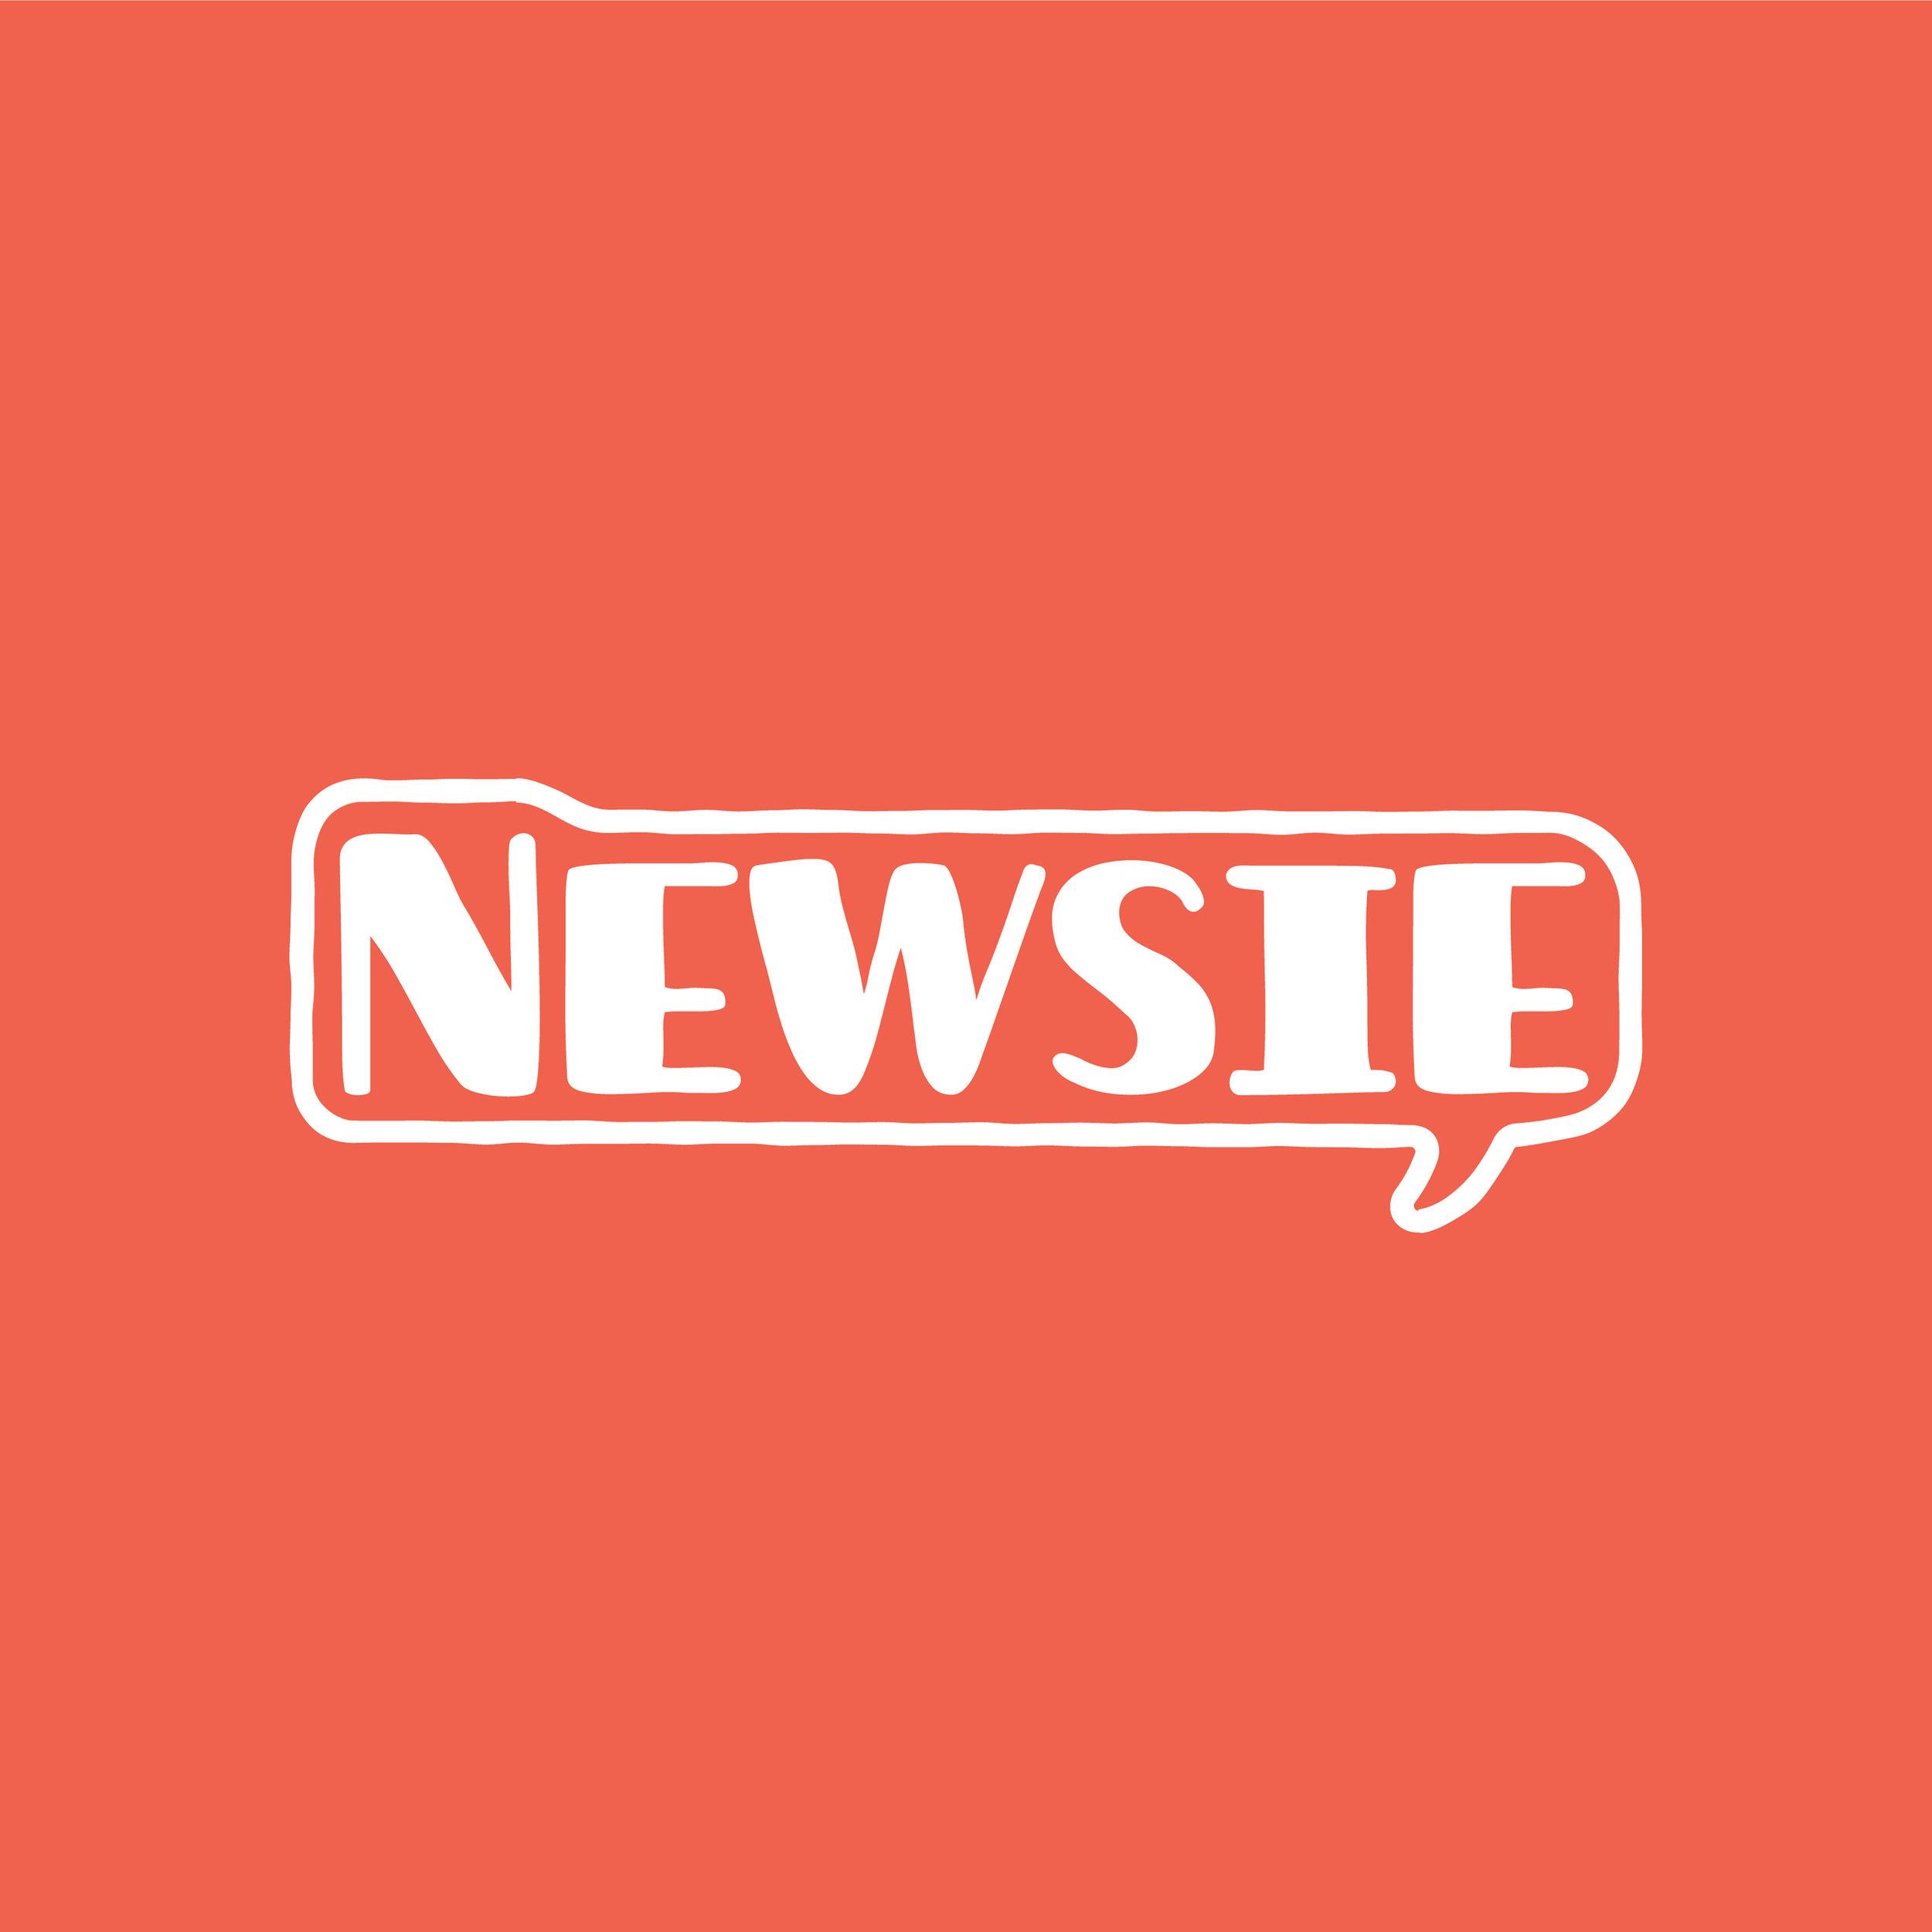 newsie_logo_Jan18.jpg